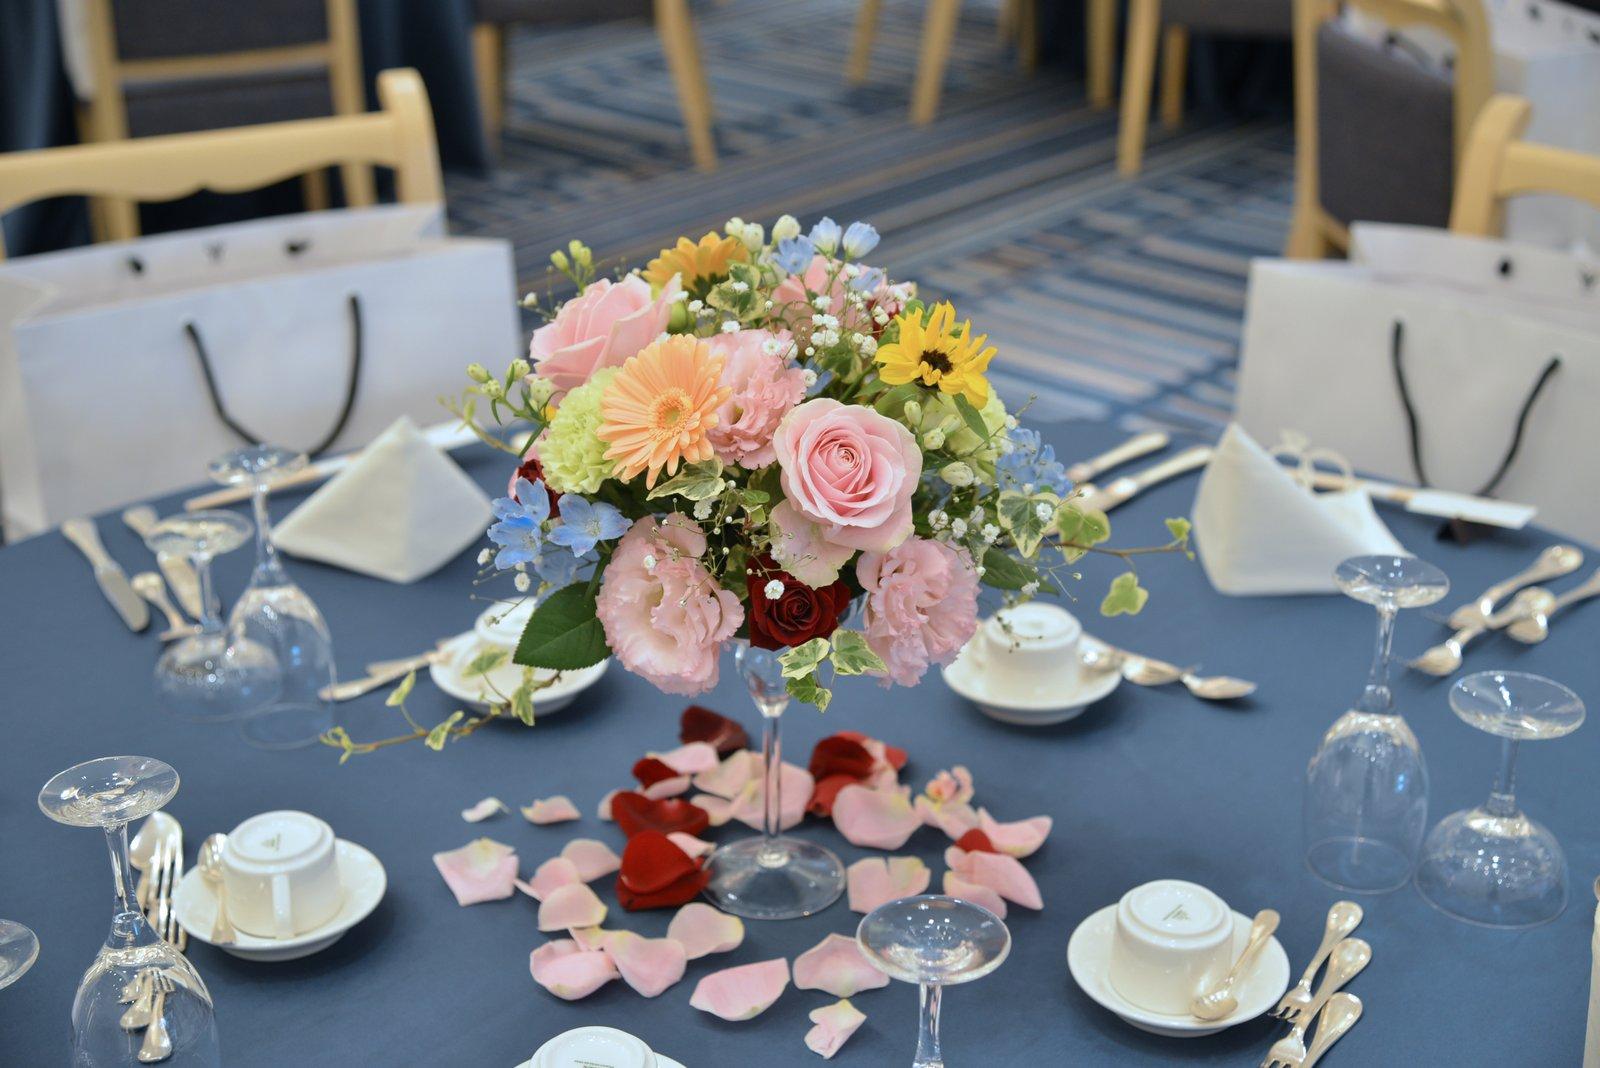 香川県の結婚式場シェルエメール&アイスタイル ゲストテーブル装花